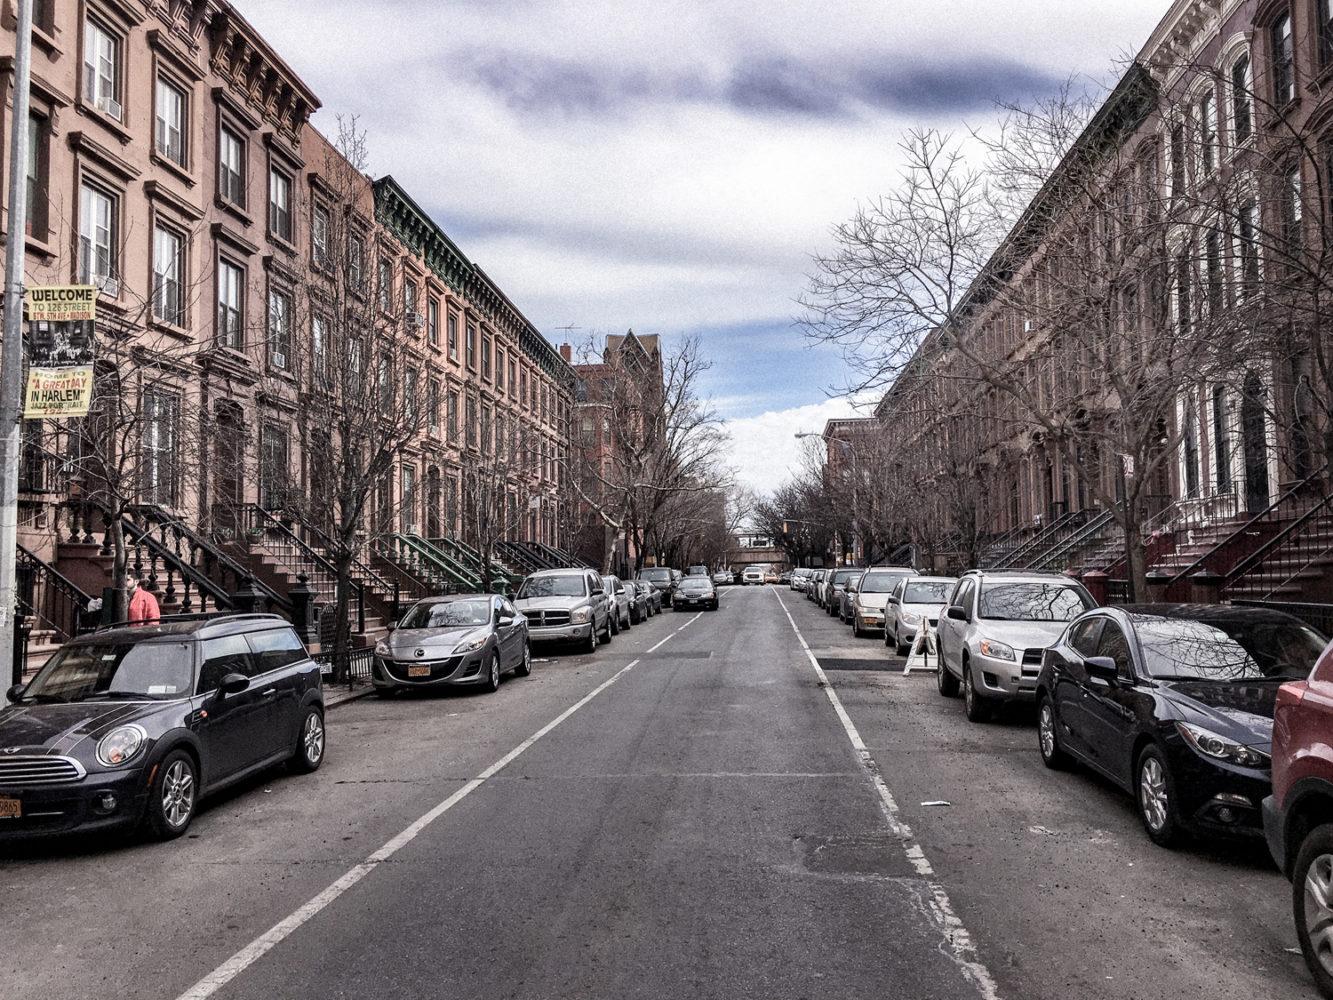 Les charmantes résidences d'Harlem